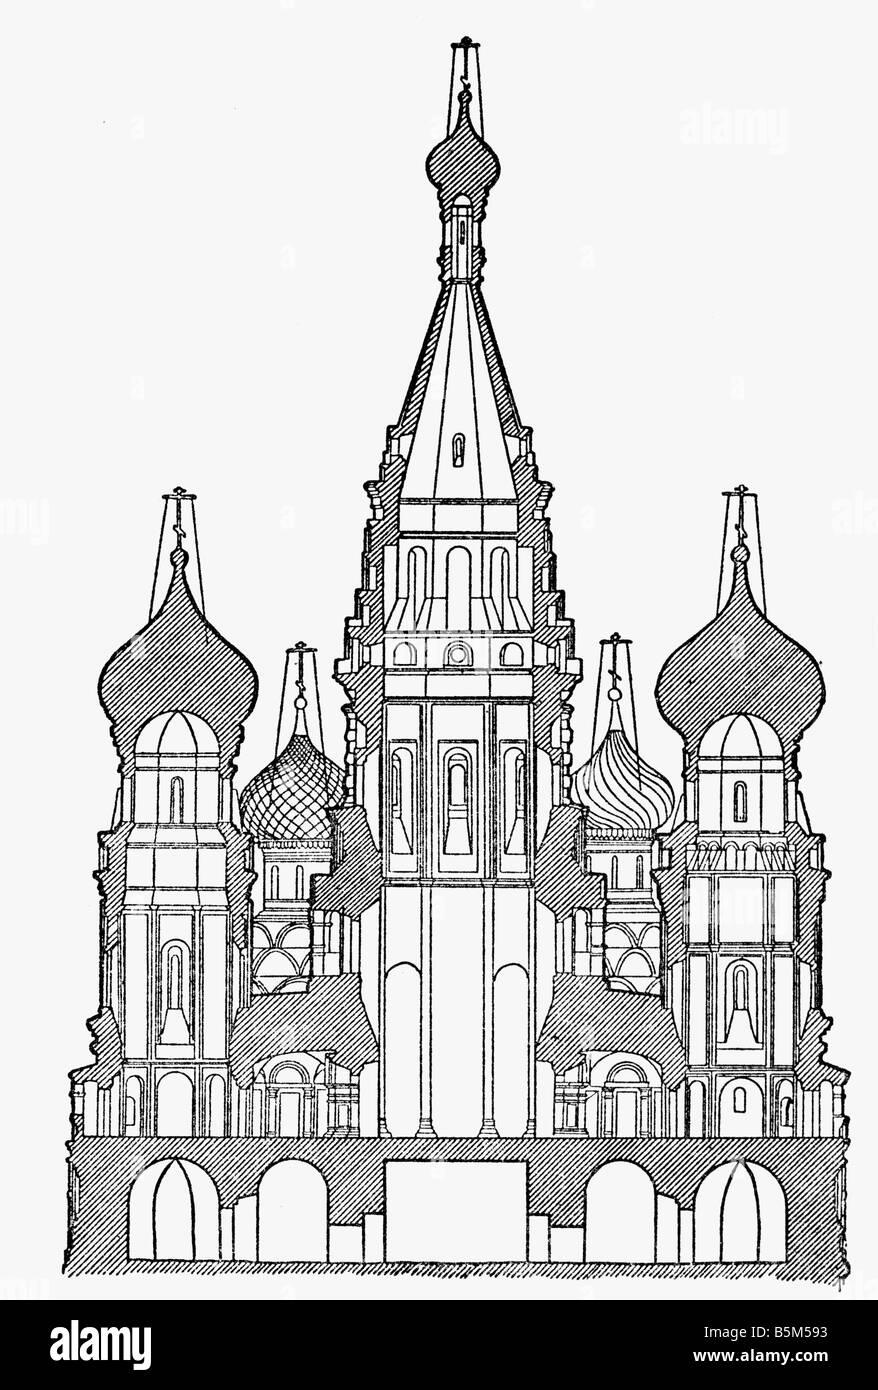 Ziemlich Kathedrale Decke Framing Ideen - Rahmen Ideen ...